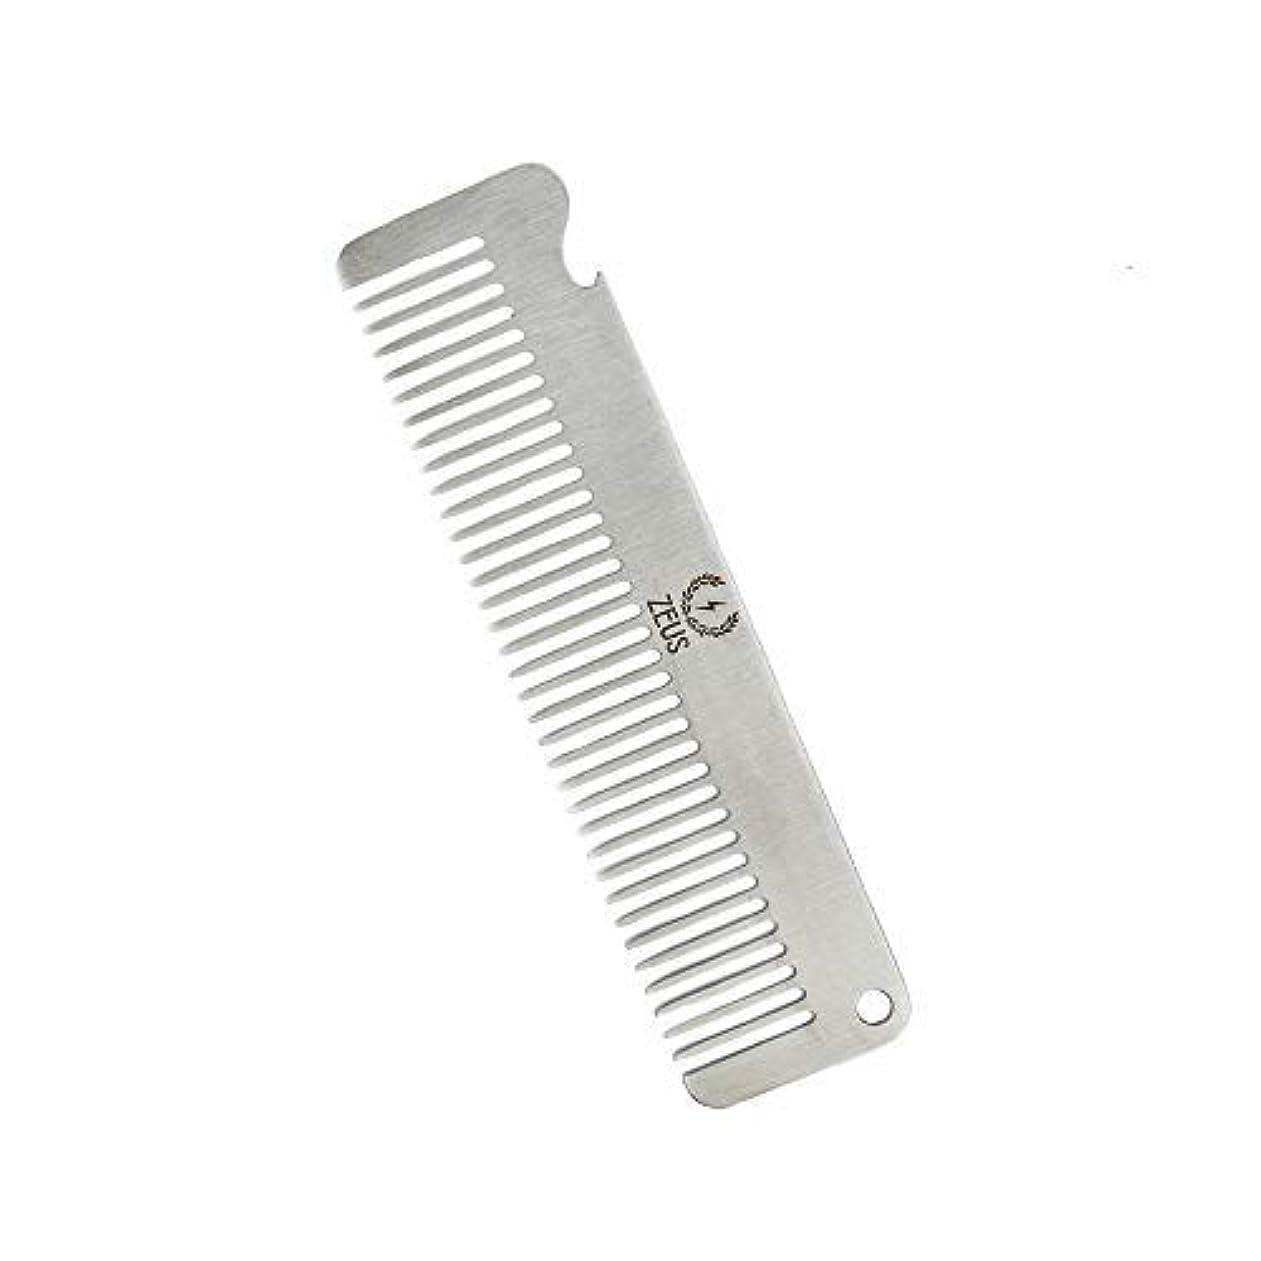 コミットメント裂け目口径ZEUS Stainless Steel Comb with Bottle Opener - Beard Comb for Men! (Comb) [並行輸入品]